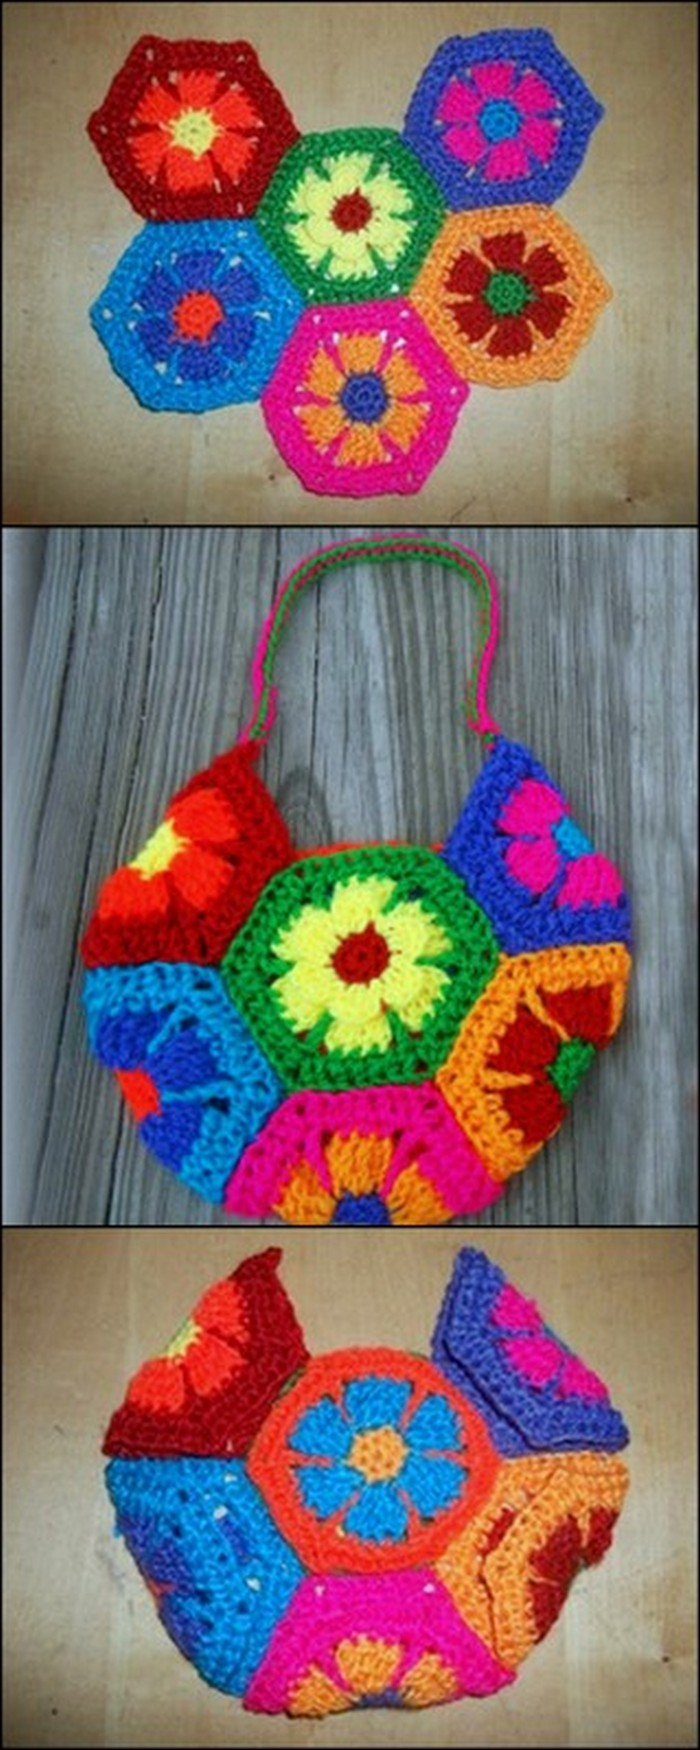 Trending Crochet Bag Pattern